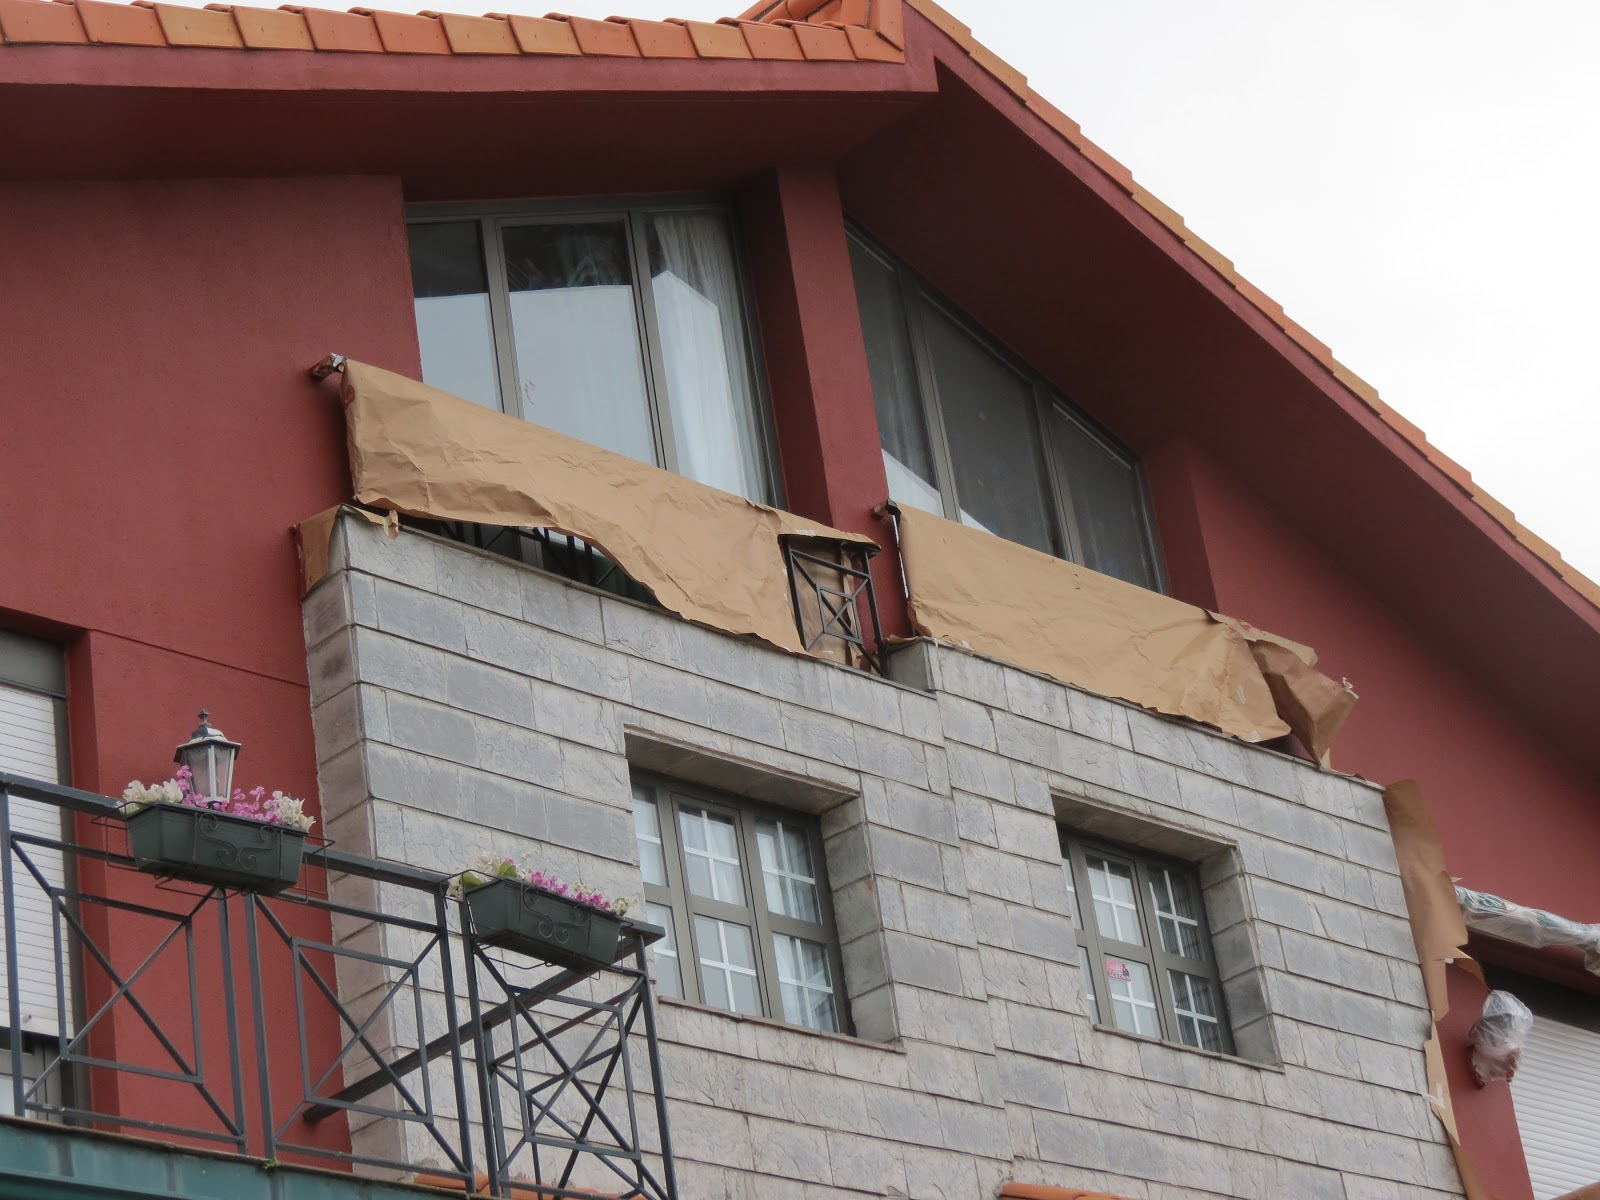 Pintura y decoraci n pintura en exterior fachada en chalet - Pintura fachada exterior ...